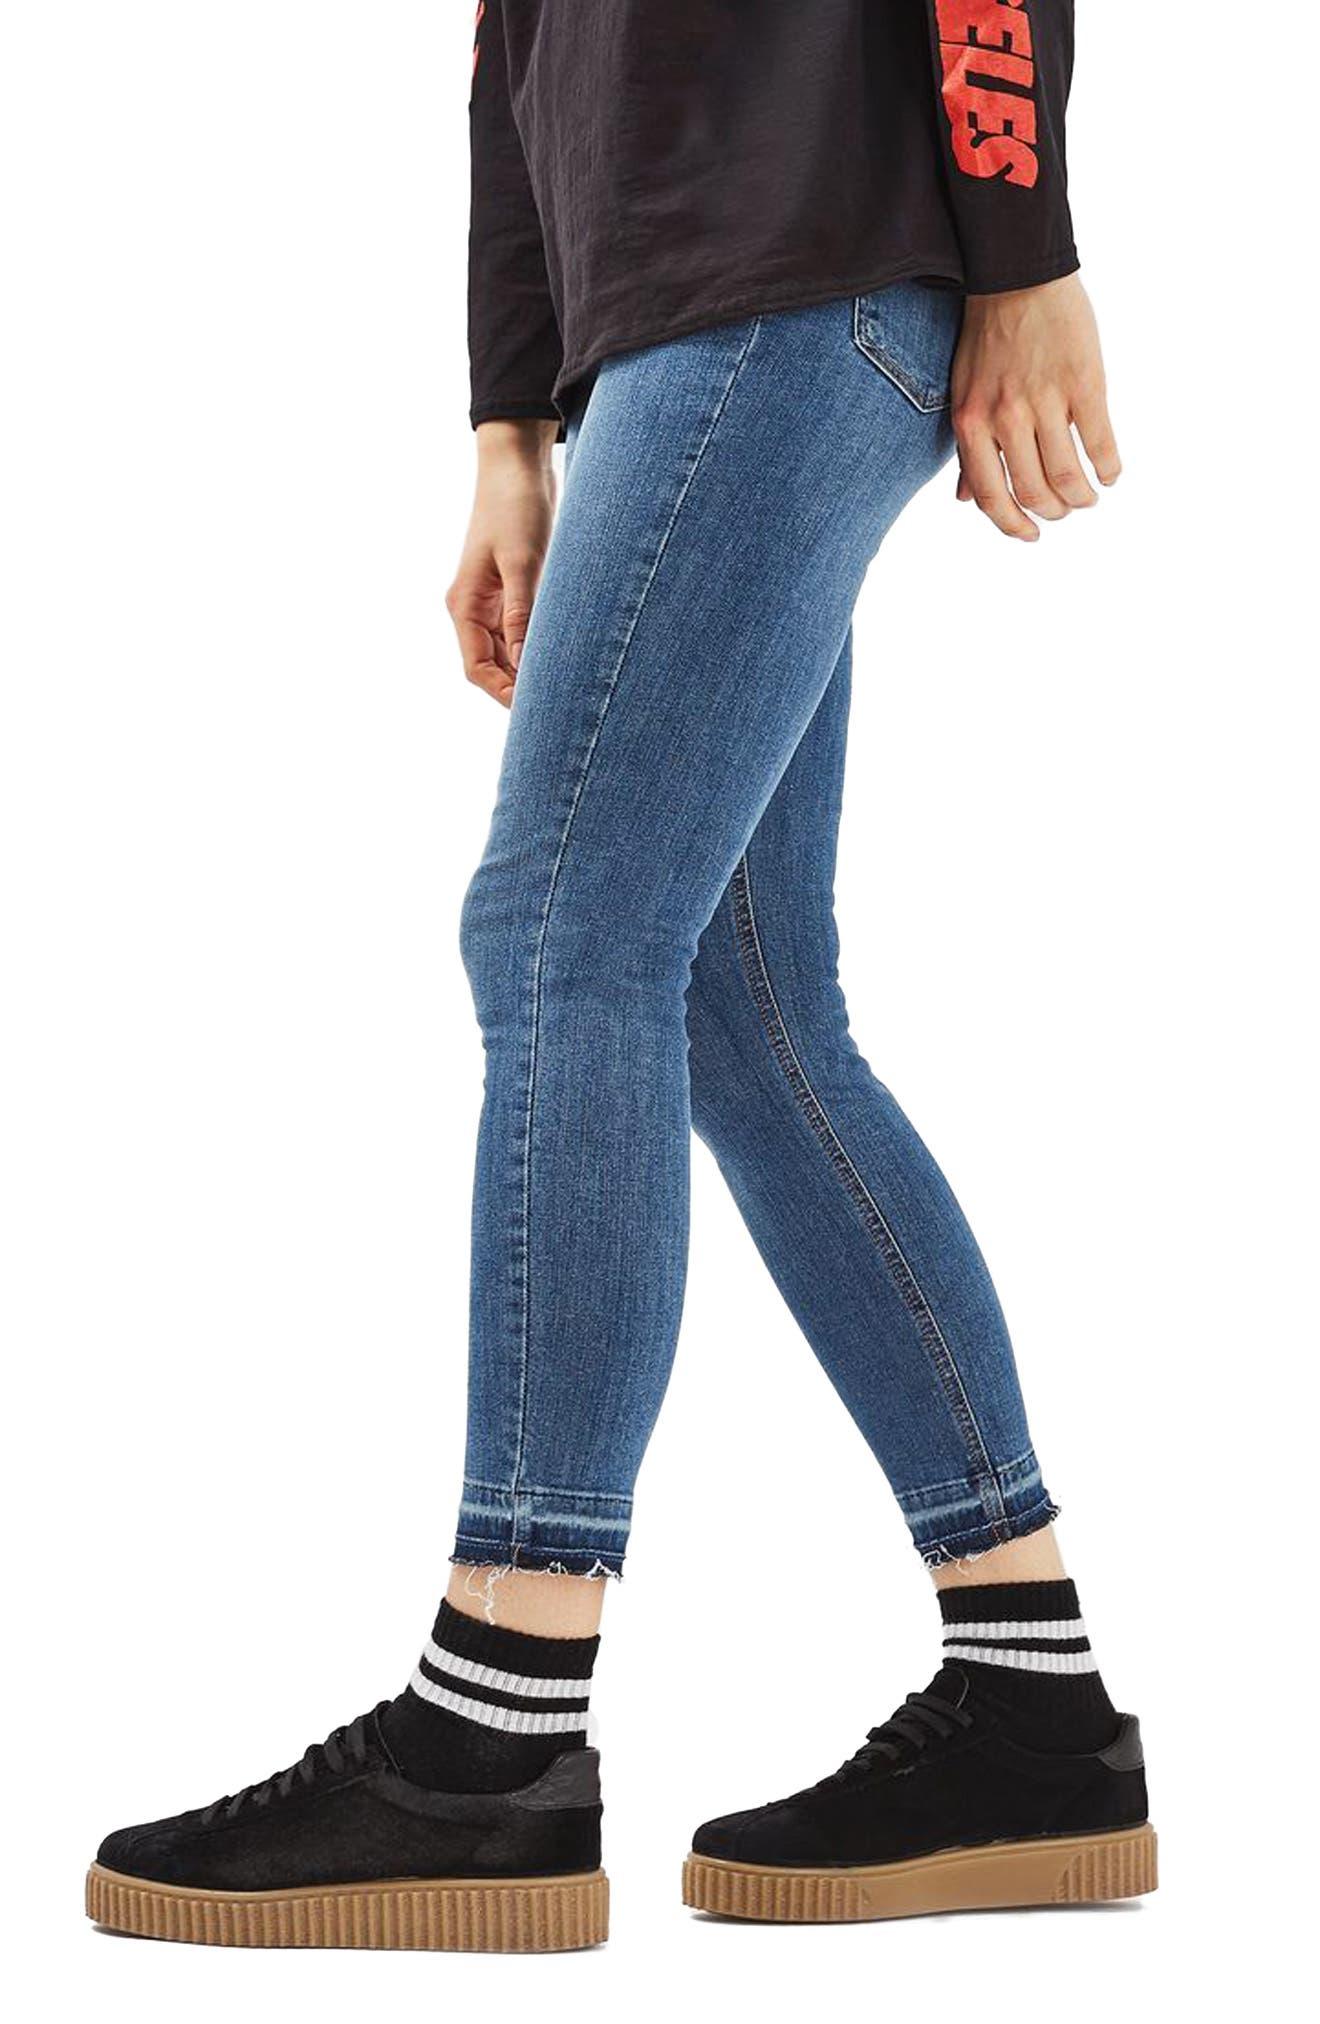 Alternate Image 1 Selected - Topshop Jamie Crop Skinny Jeans (Tall)